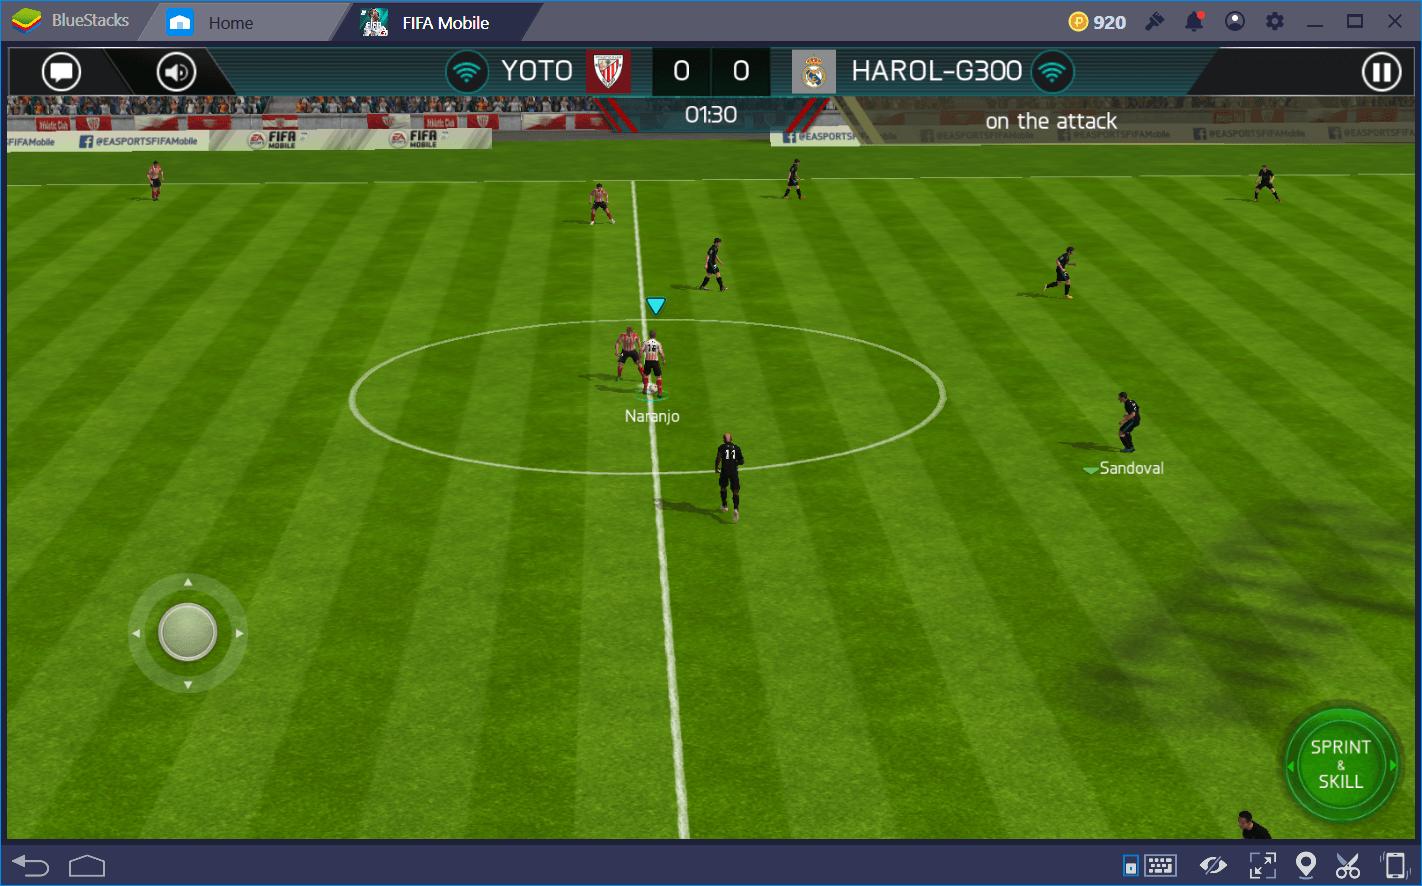 Wie FIFA Fußball (FIFA Mobile) mobile Fussballspiele endlich richtig hinbekommen hat